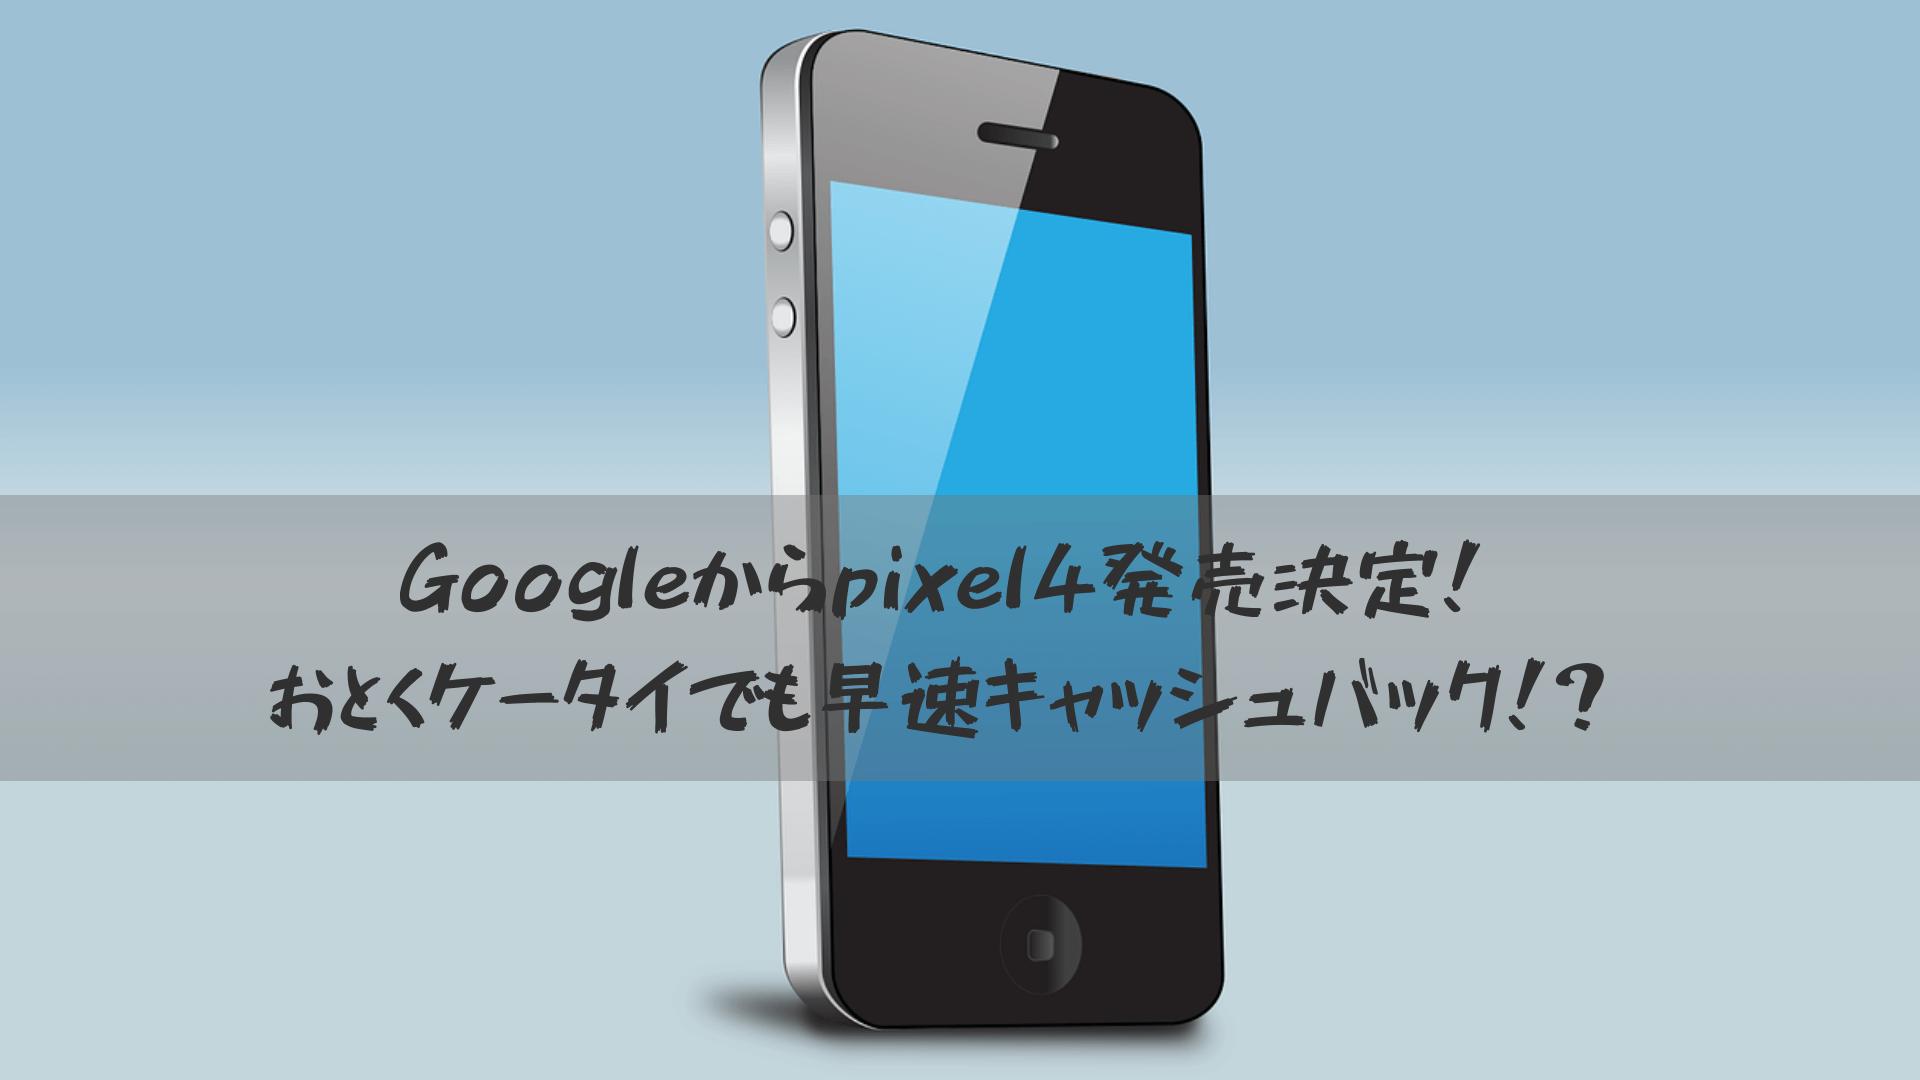 Googleからpixel4発売決定!おとくケータイ等でも早速キャッシュバック!?